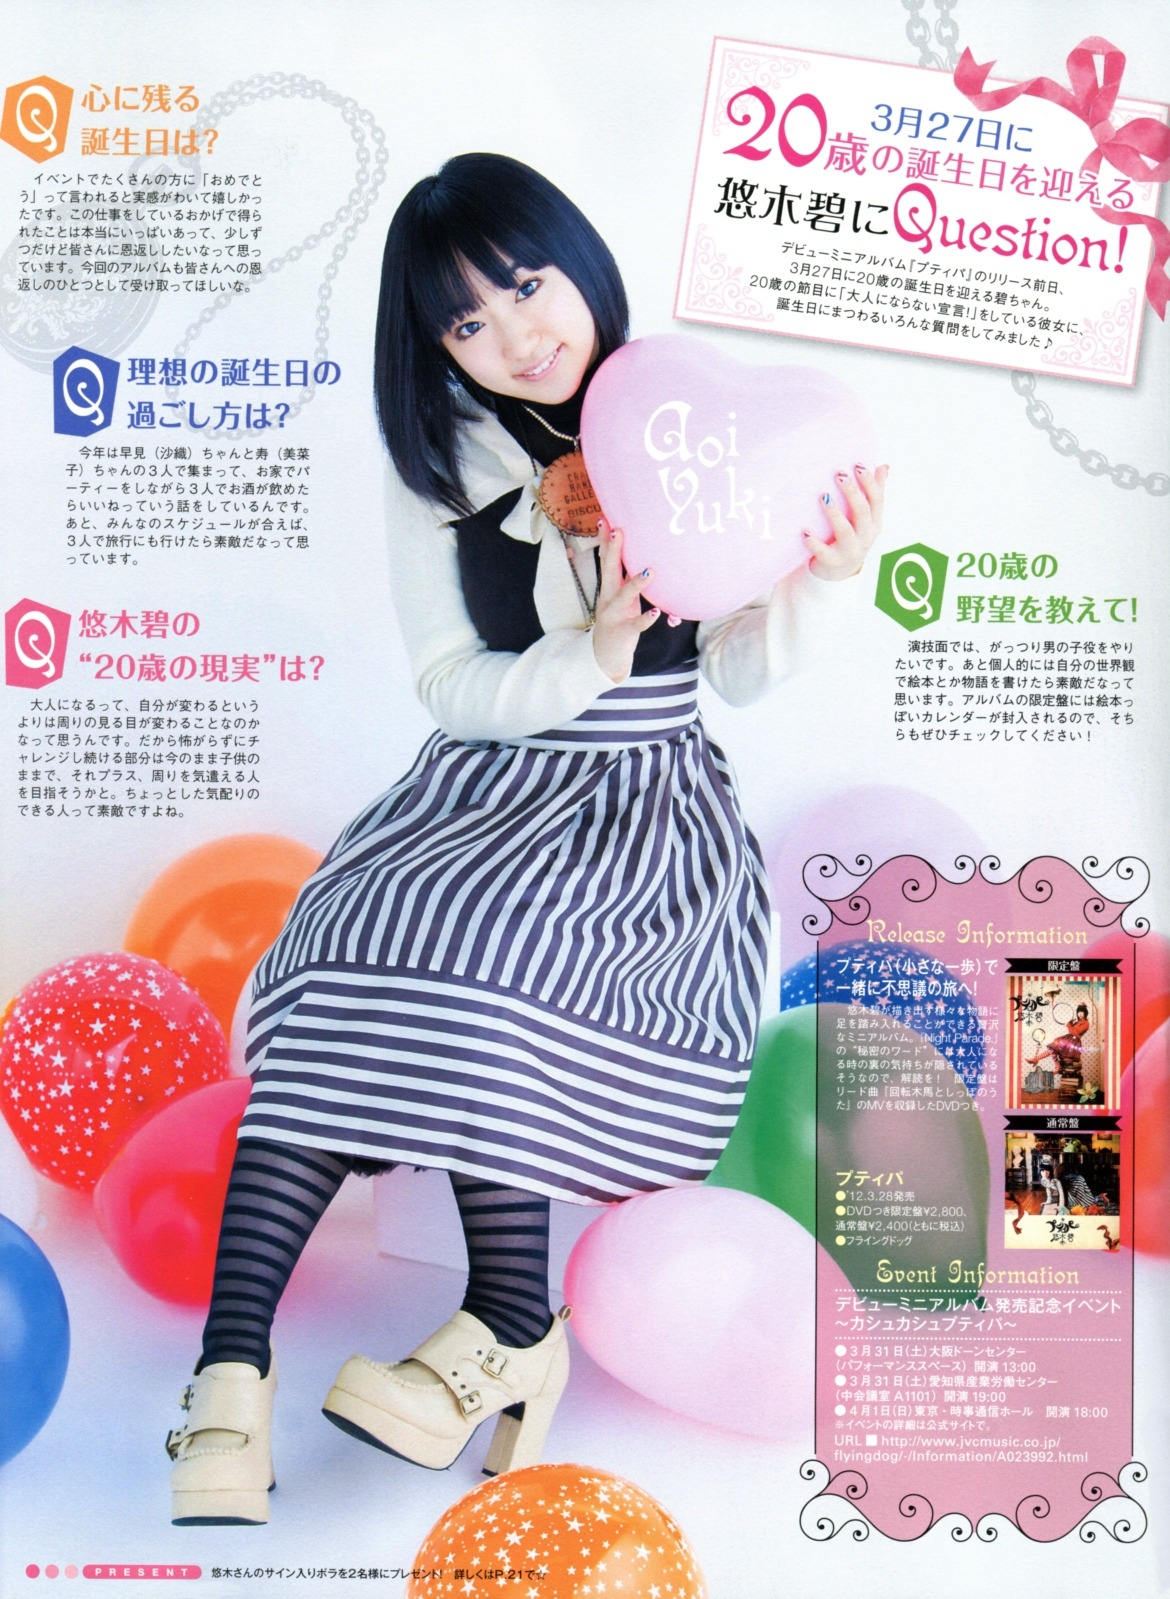 yuuki_aoi015.jpg